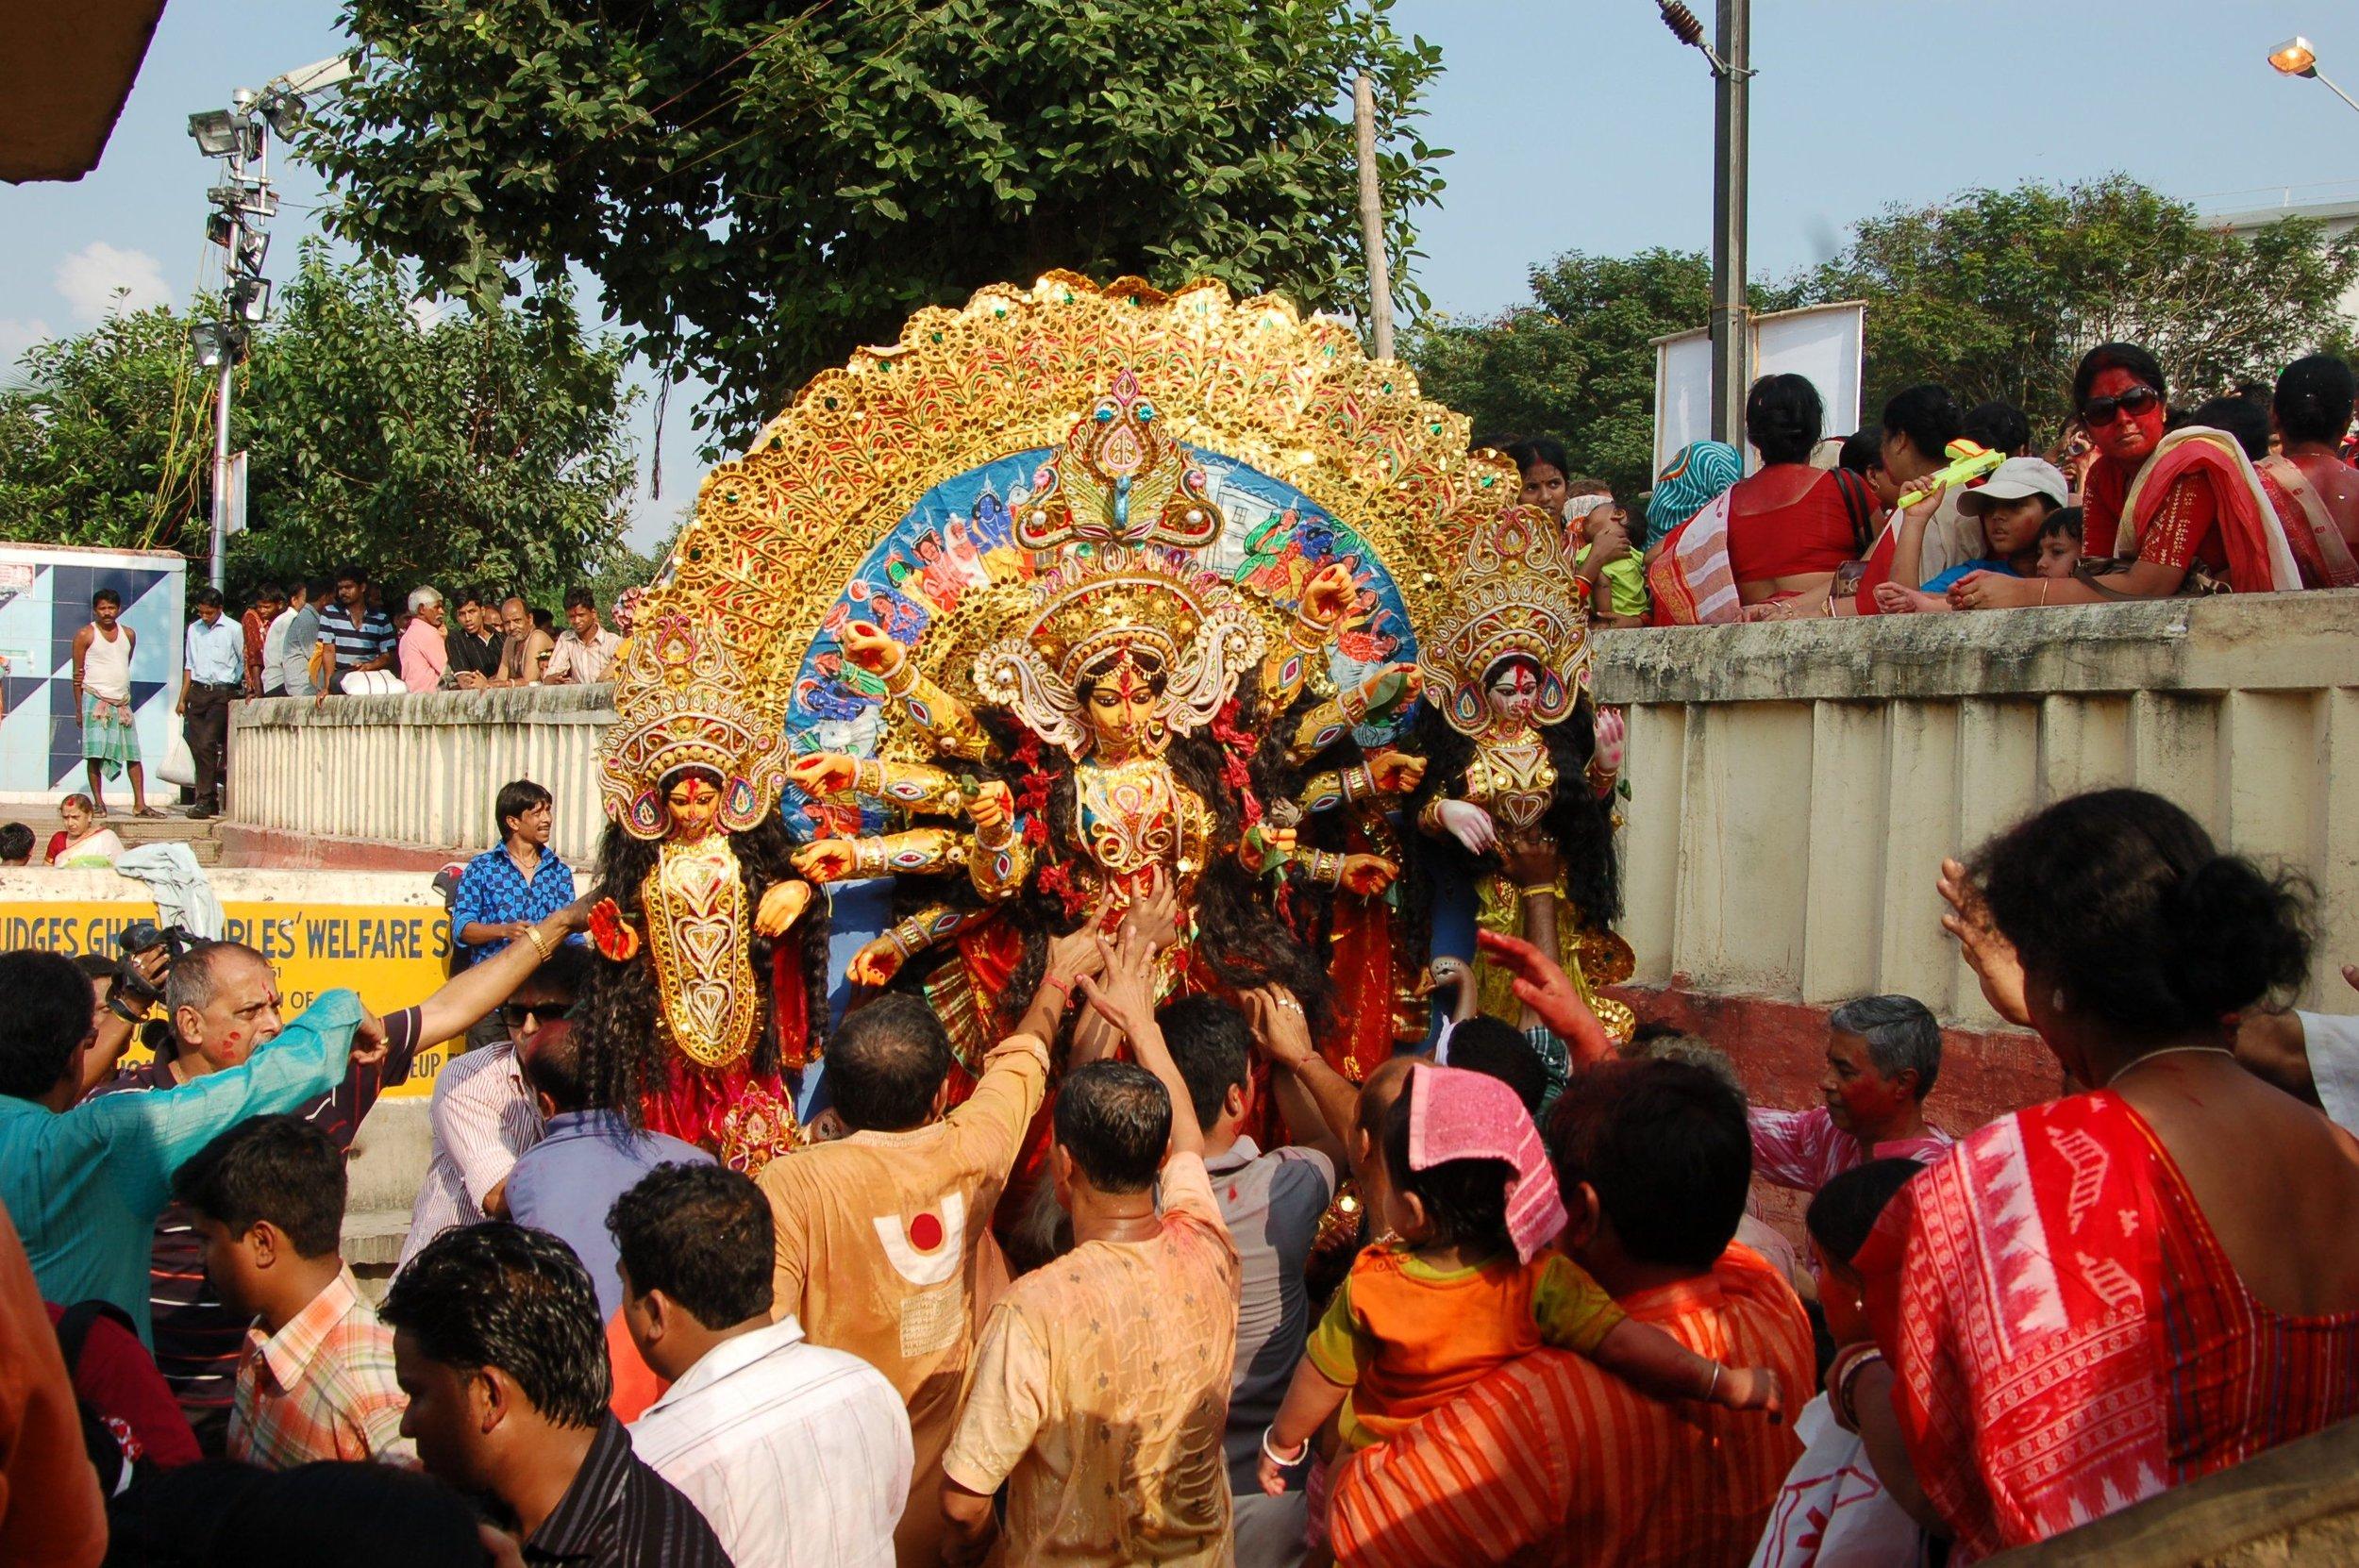 Durga er en panhinduistisk gudinne. Den største hindu-festivalen i Bengal er en feiring av henne. Ved avslutningen av festivalen byr man farvel til gudinnen og statuene nedsenkes i elven Hooghly. Foto: Knut A. Jacobsen.